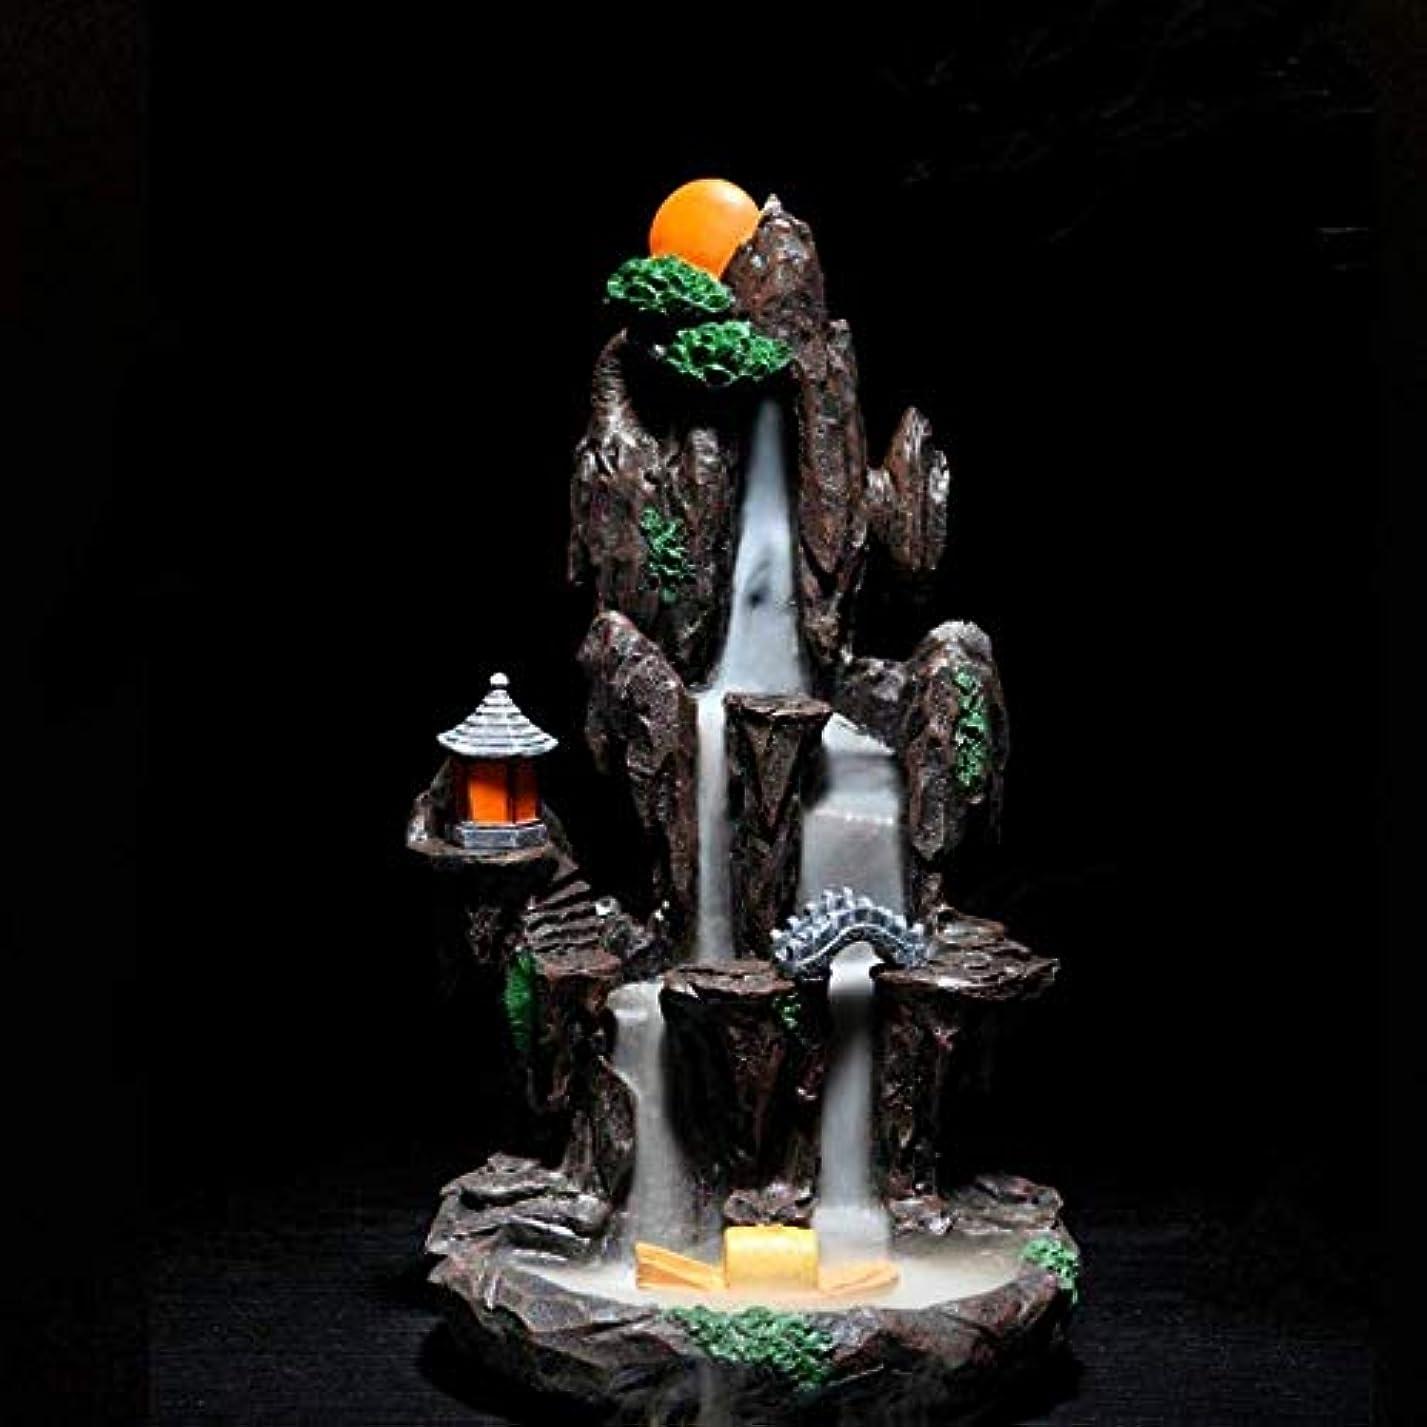 関係ビジタースイ逆流香バーナーホルダーセラミック香コーンバーナーホームオフィス装飾工芸品